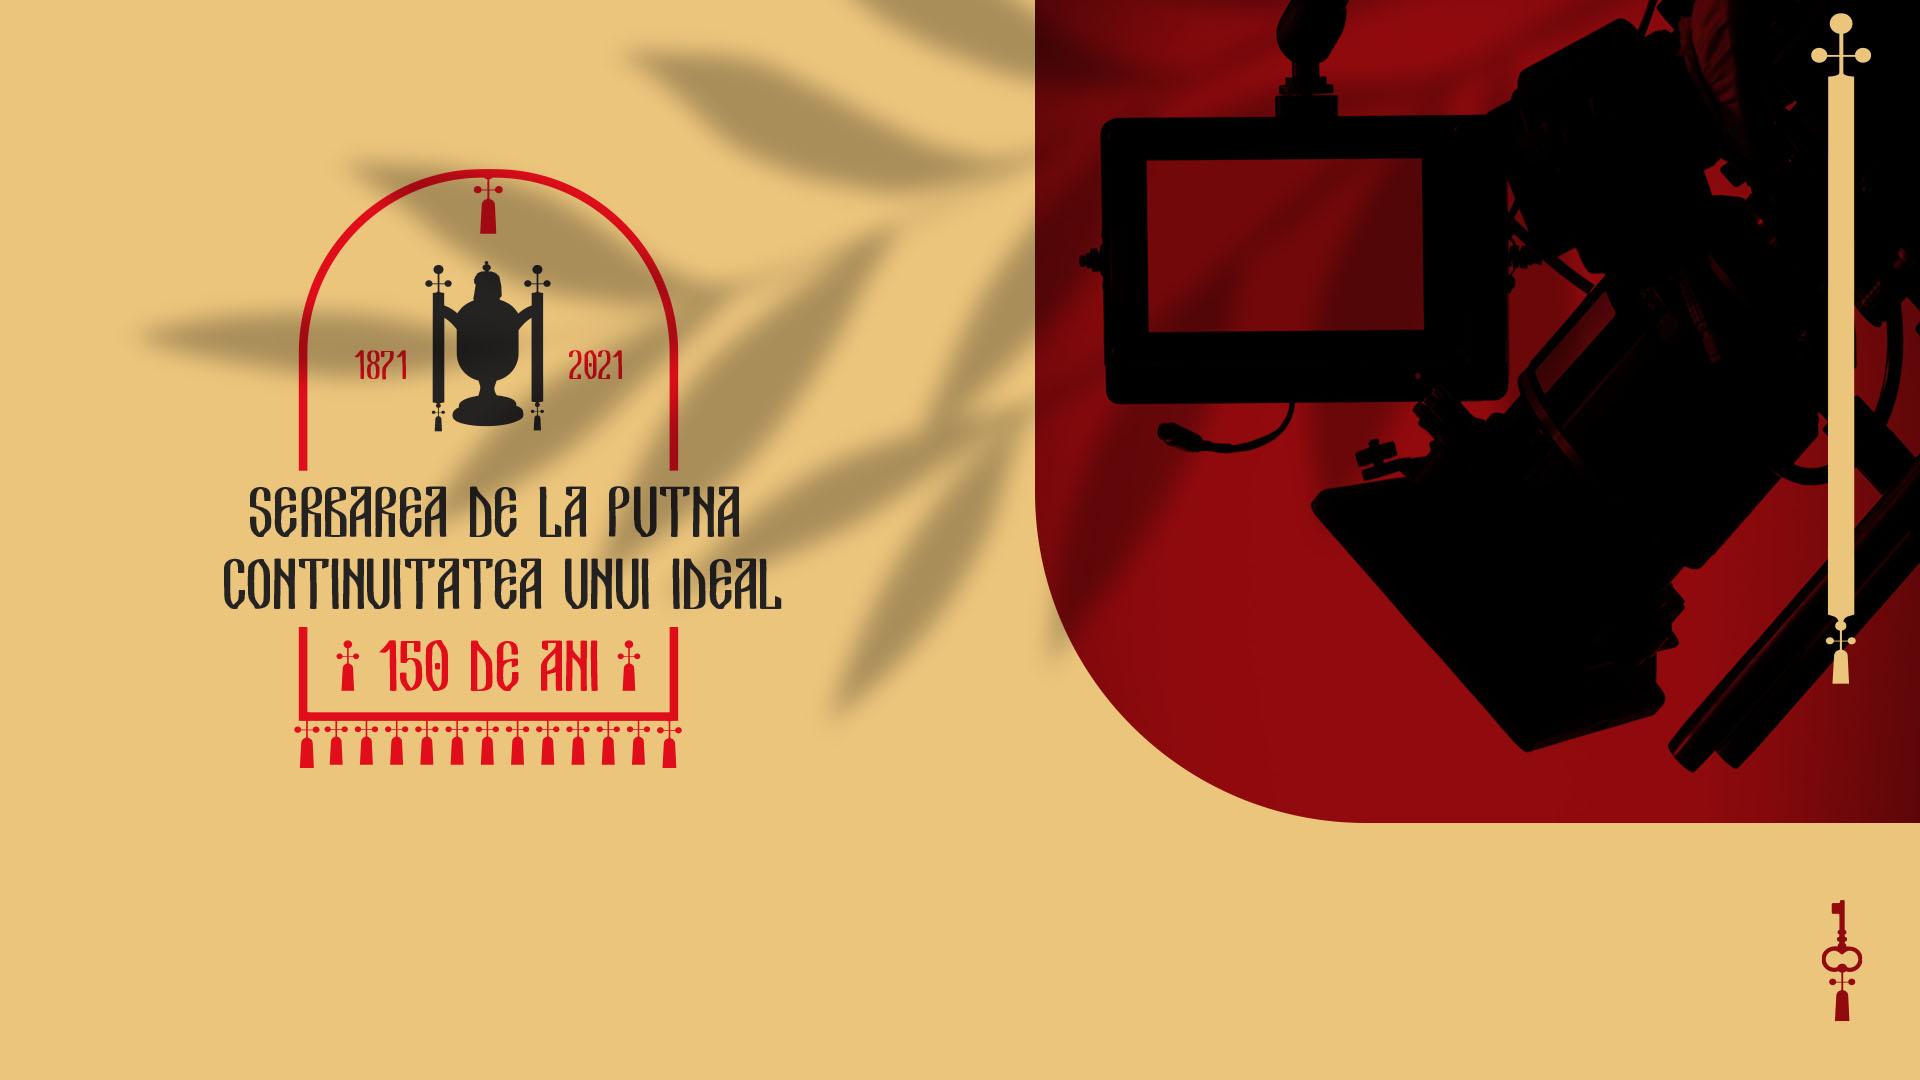 Concurs de creație video / Serbare Putna 150